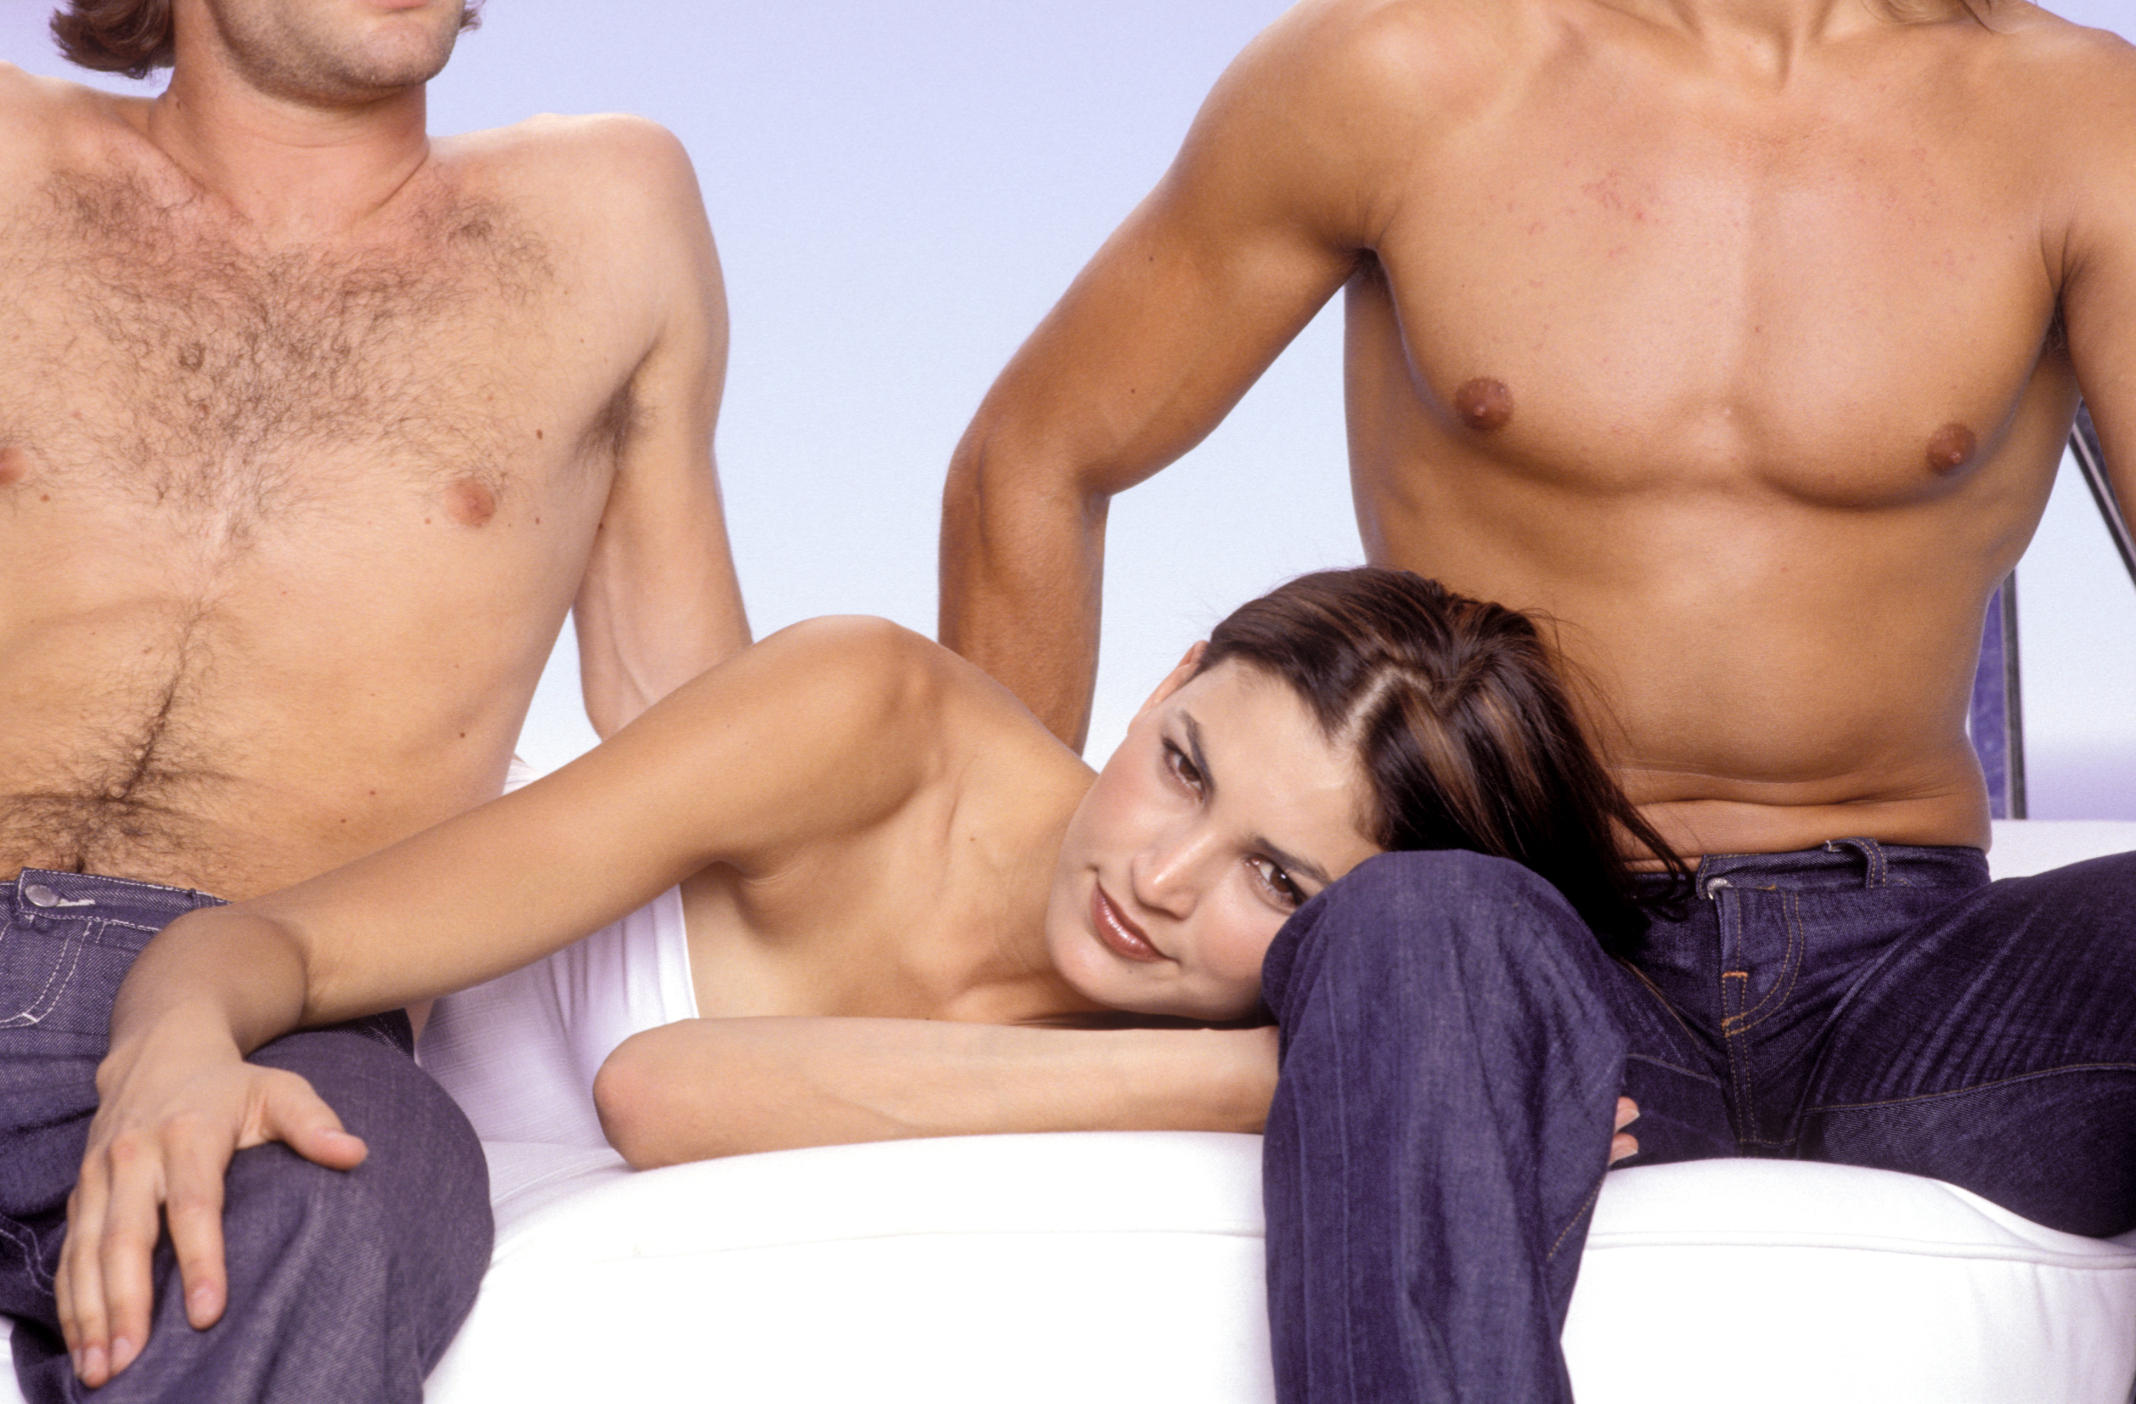 Трое и один парень, мммж - порно трое мужчин и одна женщина 4 фотография